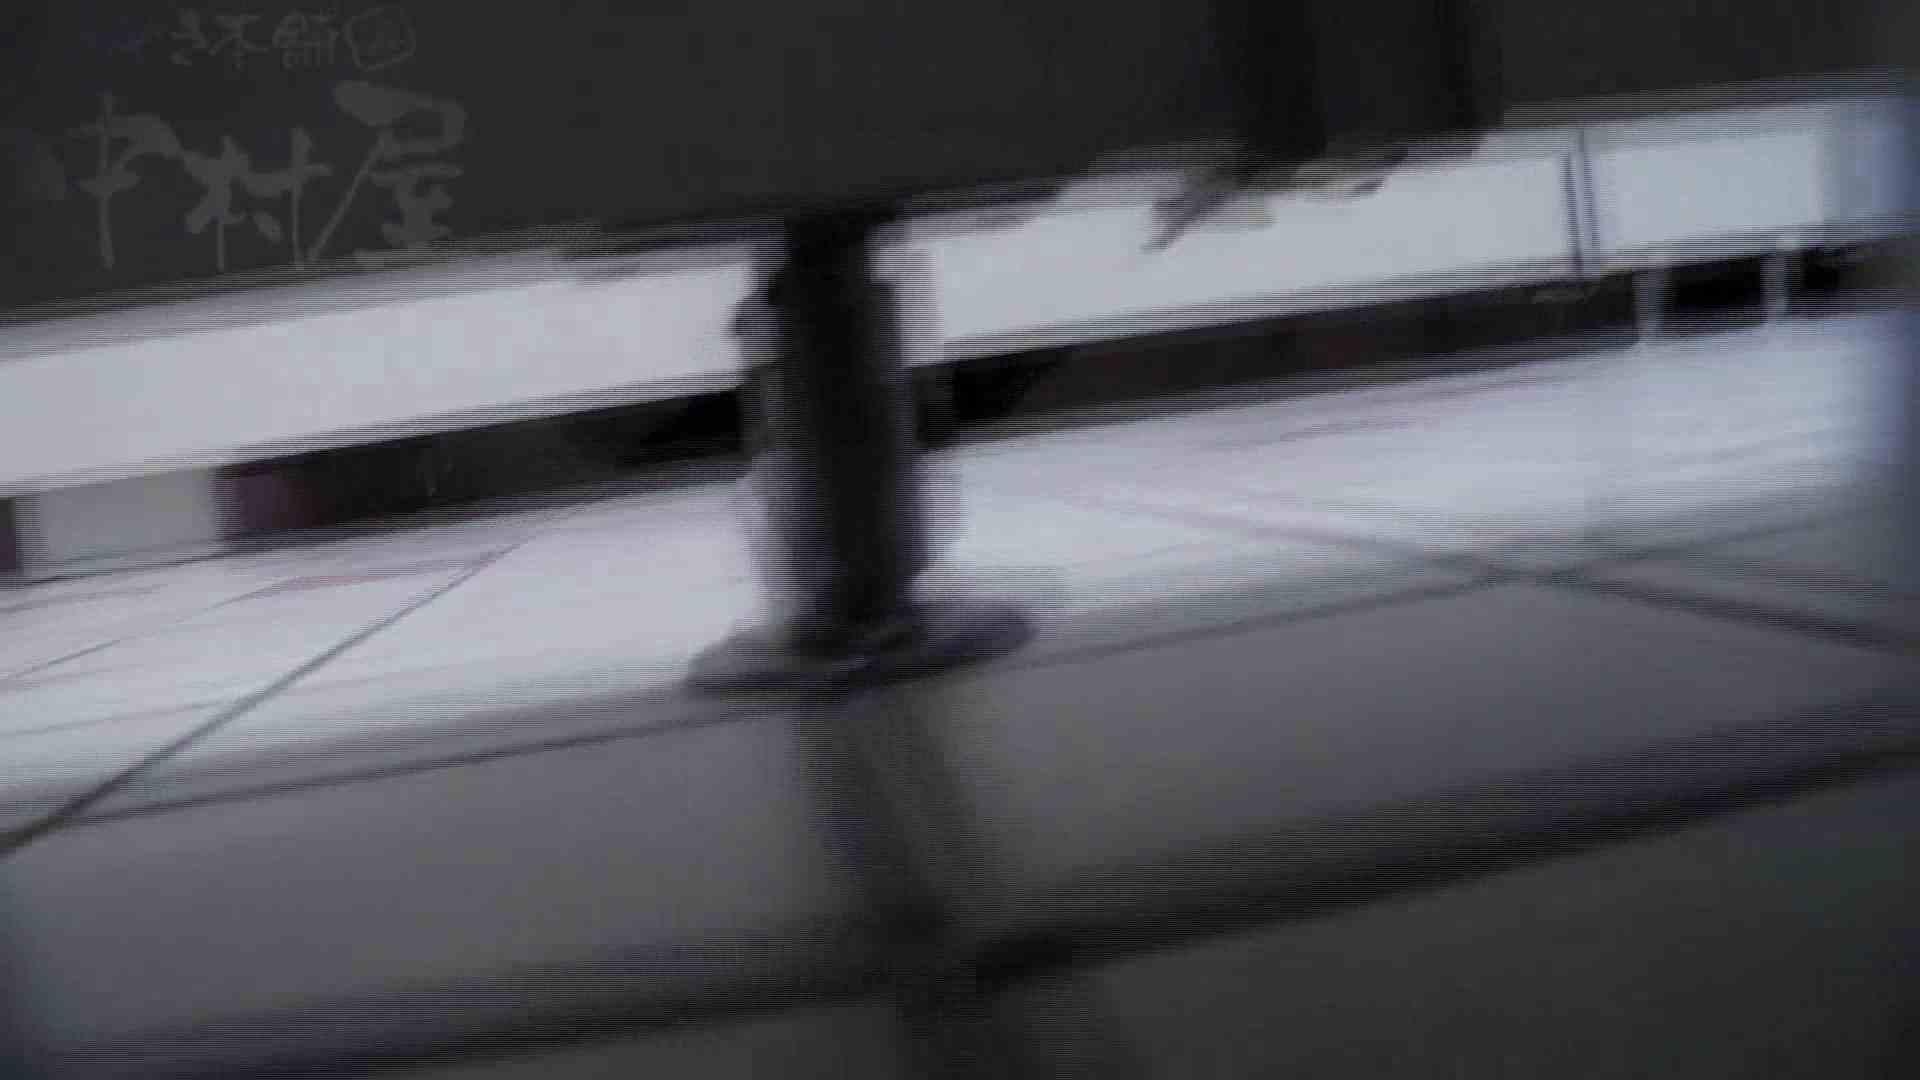 美しい日本の未来 No.24近すぎて怖っ! トイレの中の女の子 ヌード画像 70連発 51